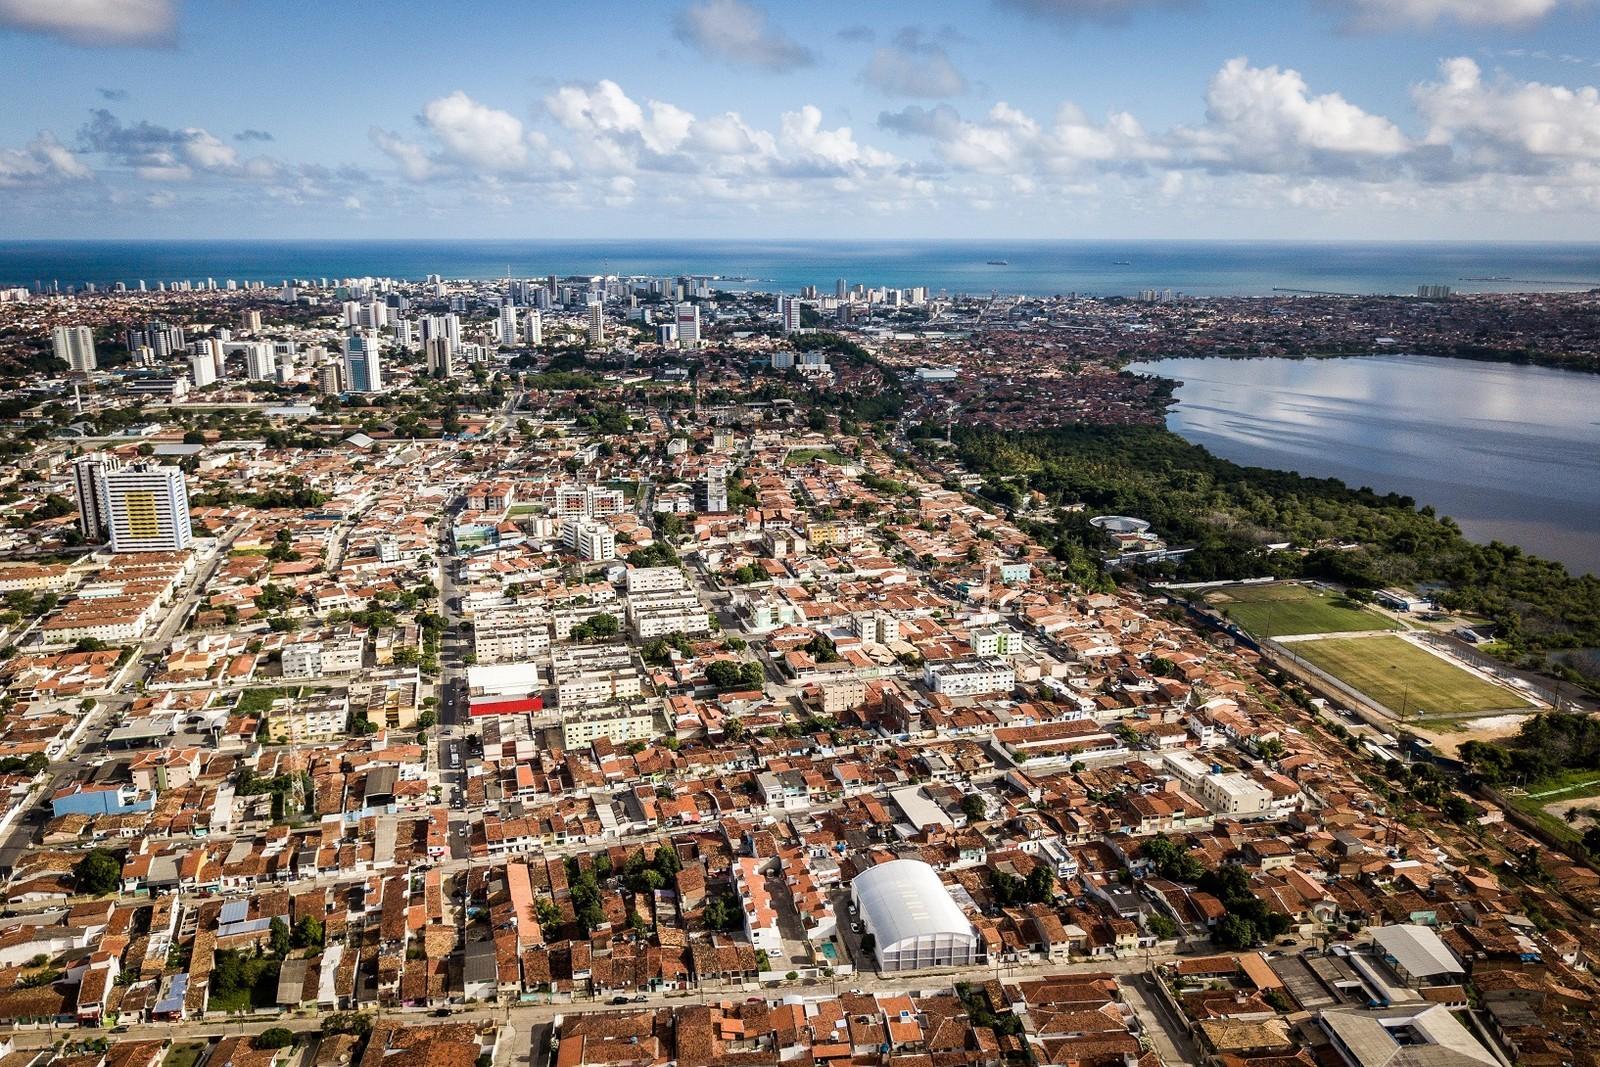 Liberação de parcela do lote 7 da ajuda humanitária de moradores do Pinheiro é antecipada